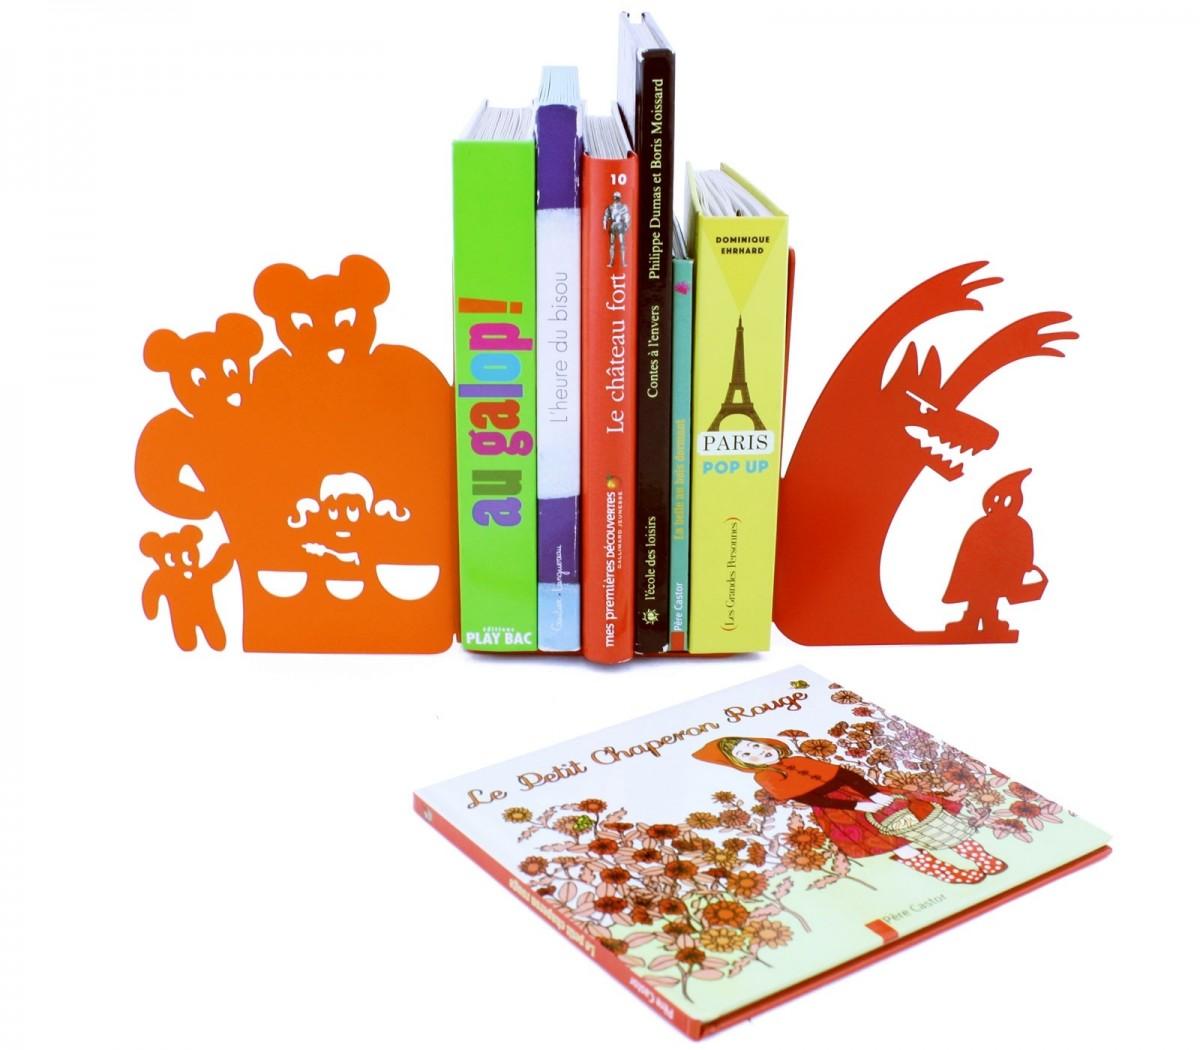 boucle d 39 or et le petit chaperon rouge revu par sghohan design en serre livres pour enfant ou grand. Black Bedroom Furniture Sets. Home Design Ideas